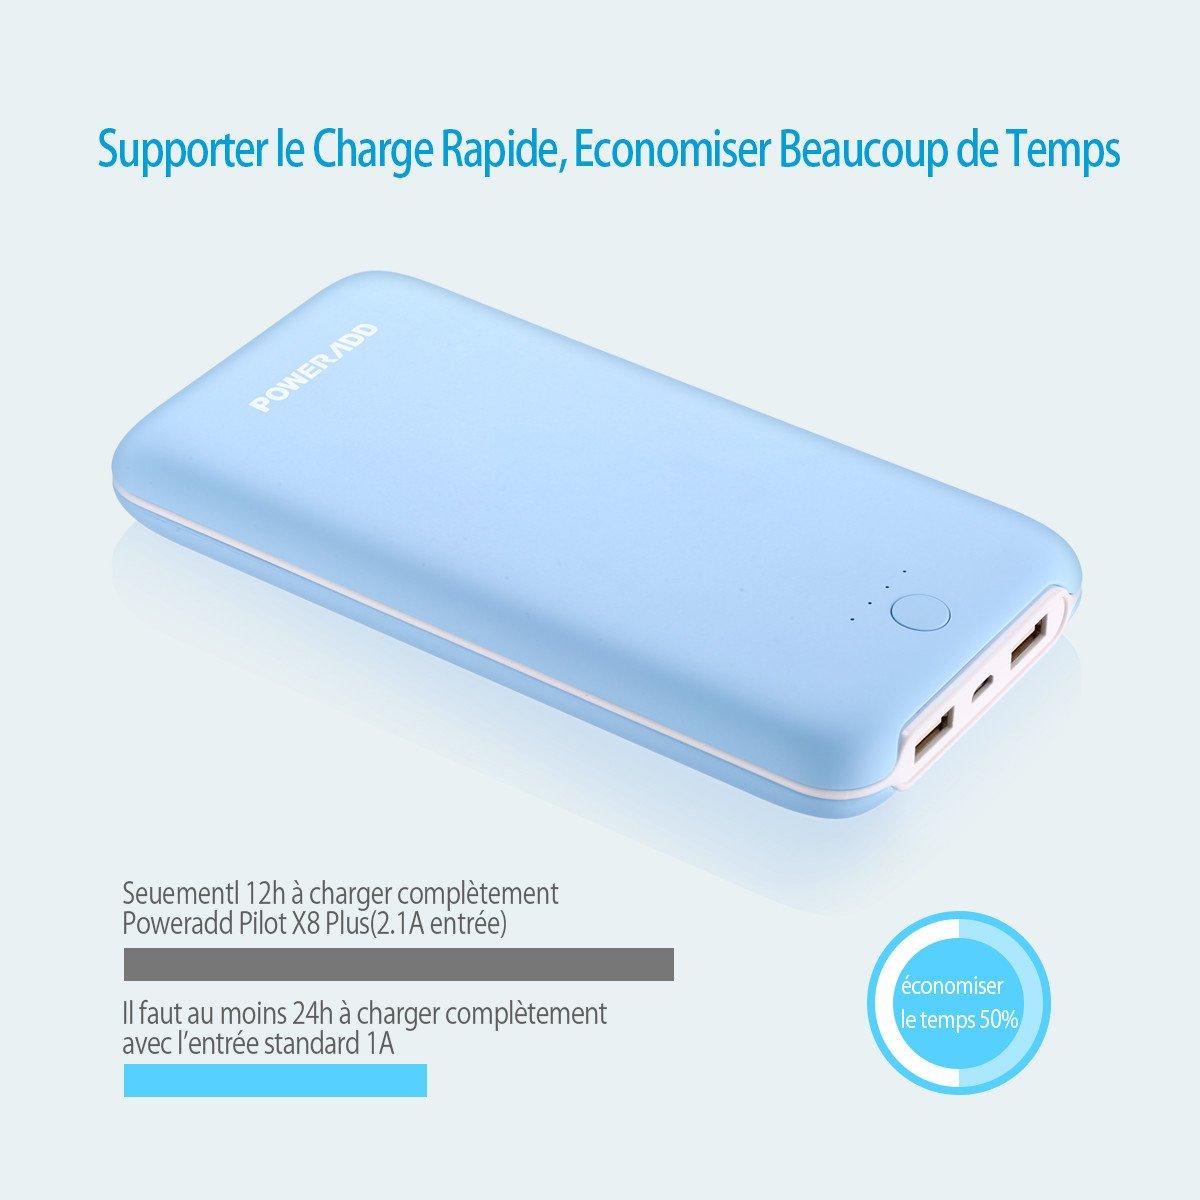 Poweradd Pilot X8 Plus 20000mAh Batterie Externe de Secours Universelle avec 2 USB Port de Sortie (2.1A+2.1A) pour iPhone, iPad, Android, Samsung Smartphone etc. - Bleu